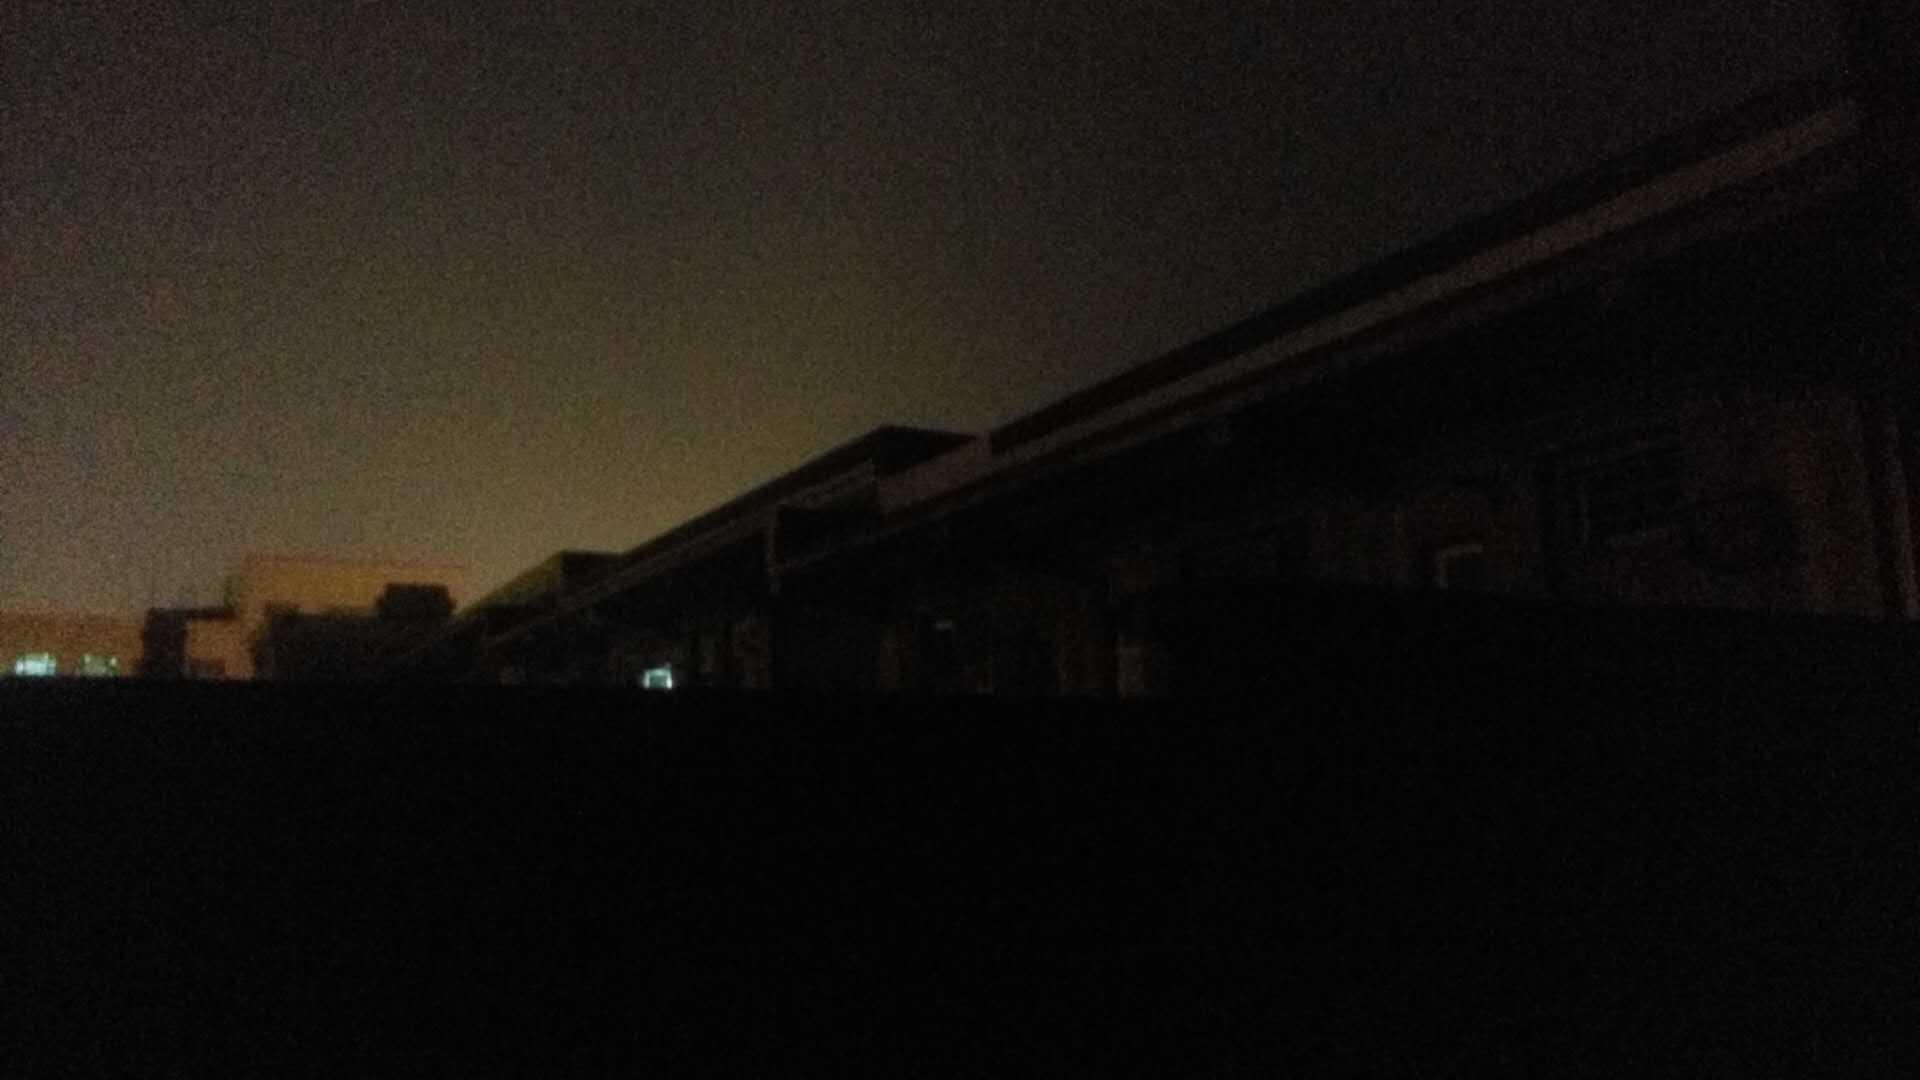 除了自接电线的一户,停电时的五楼漆黑一片。 (作者供图)